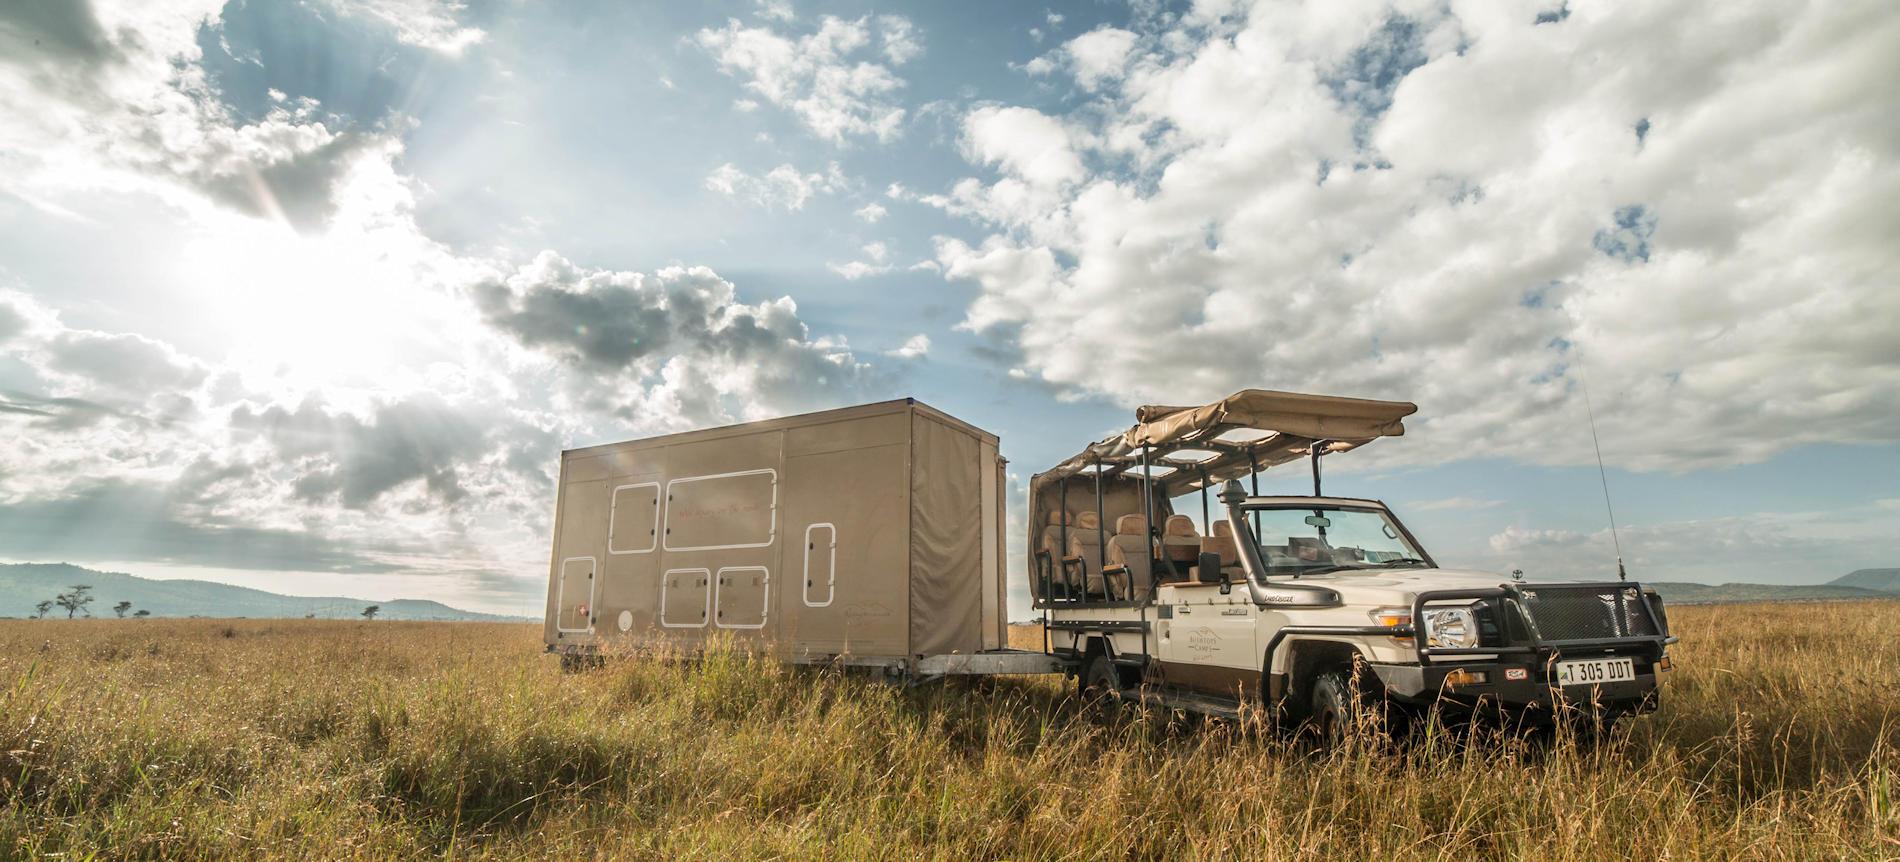 Pirschfahrt, Roving Bushtops Serengeti, Tansania